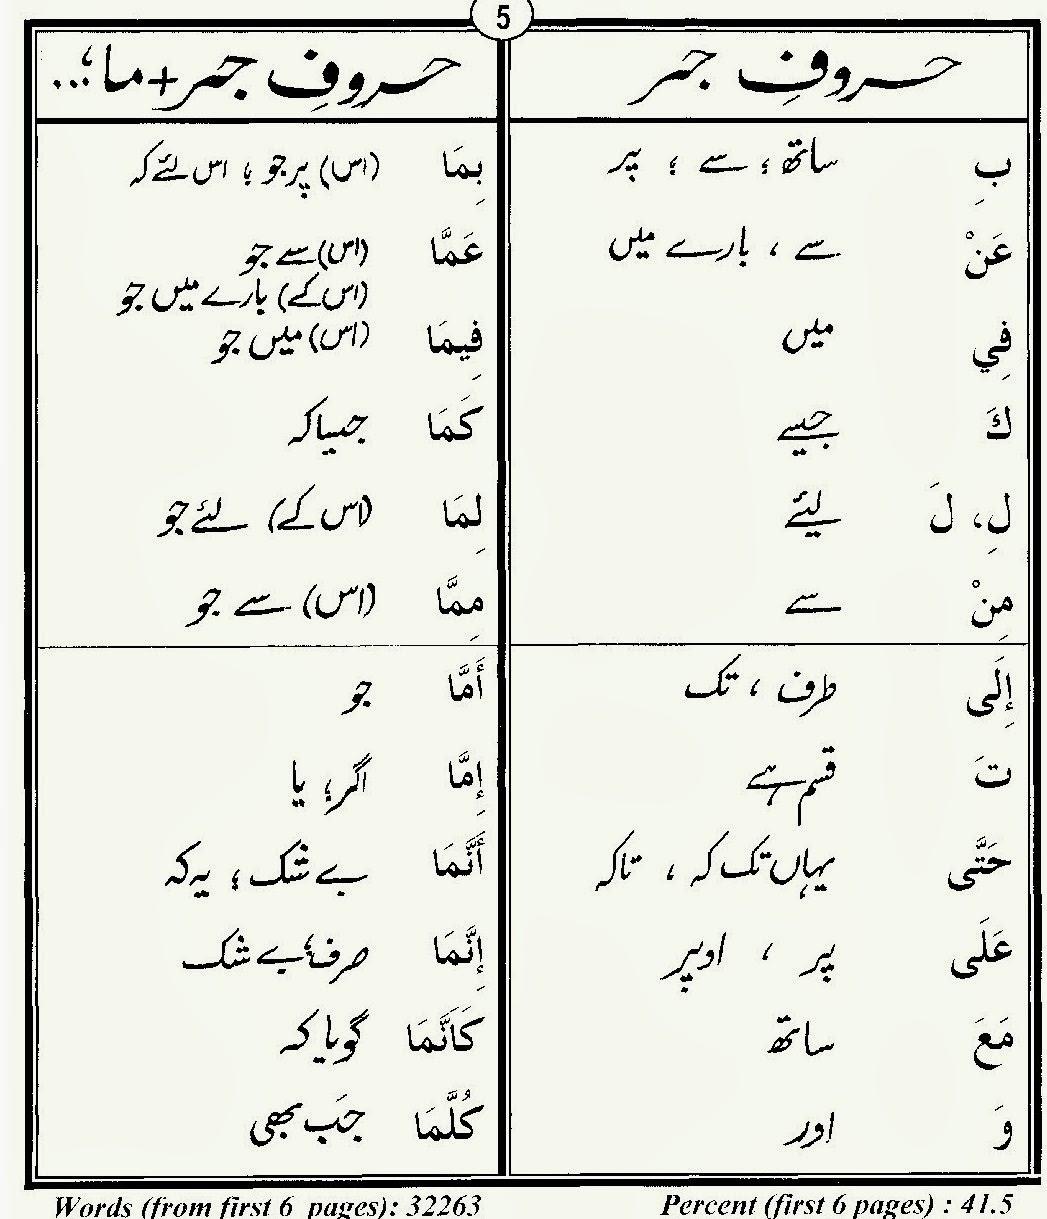 Lessons In Islam 80 Quran Words In Urdu